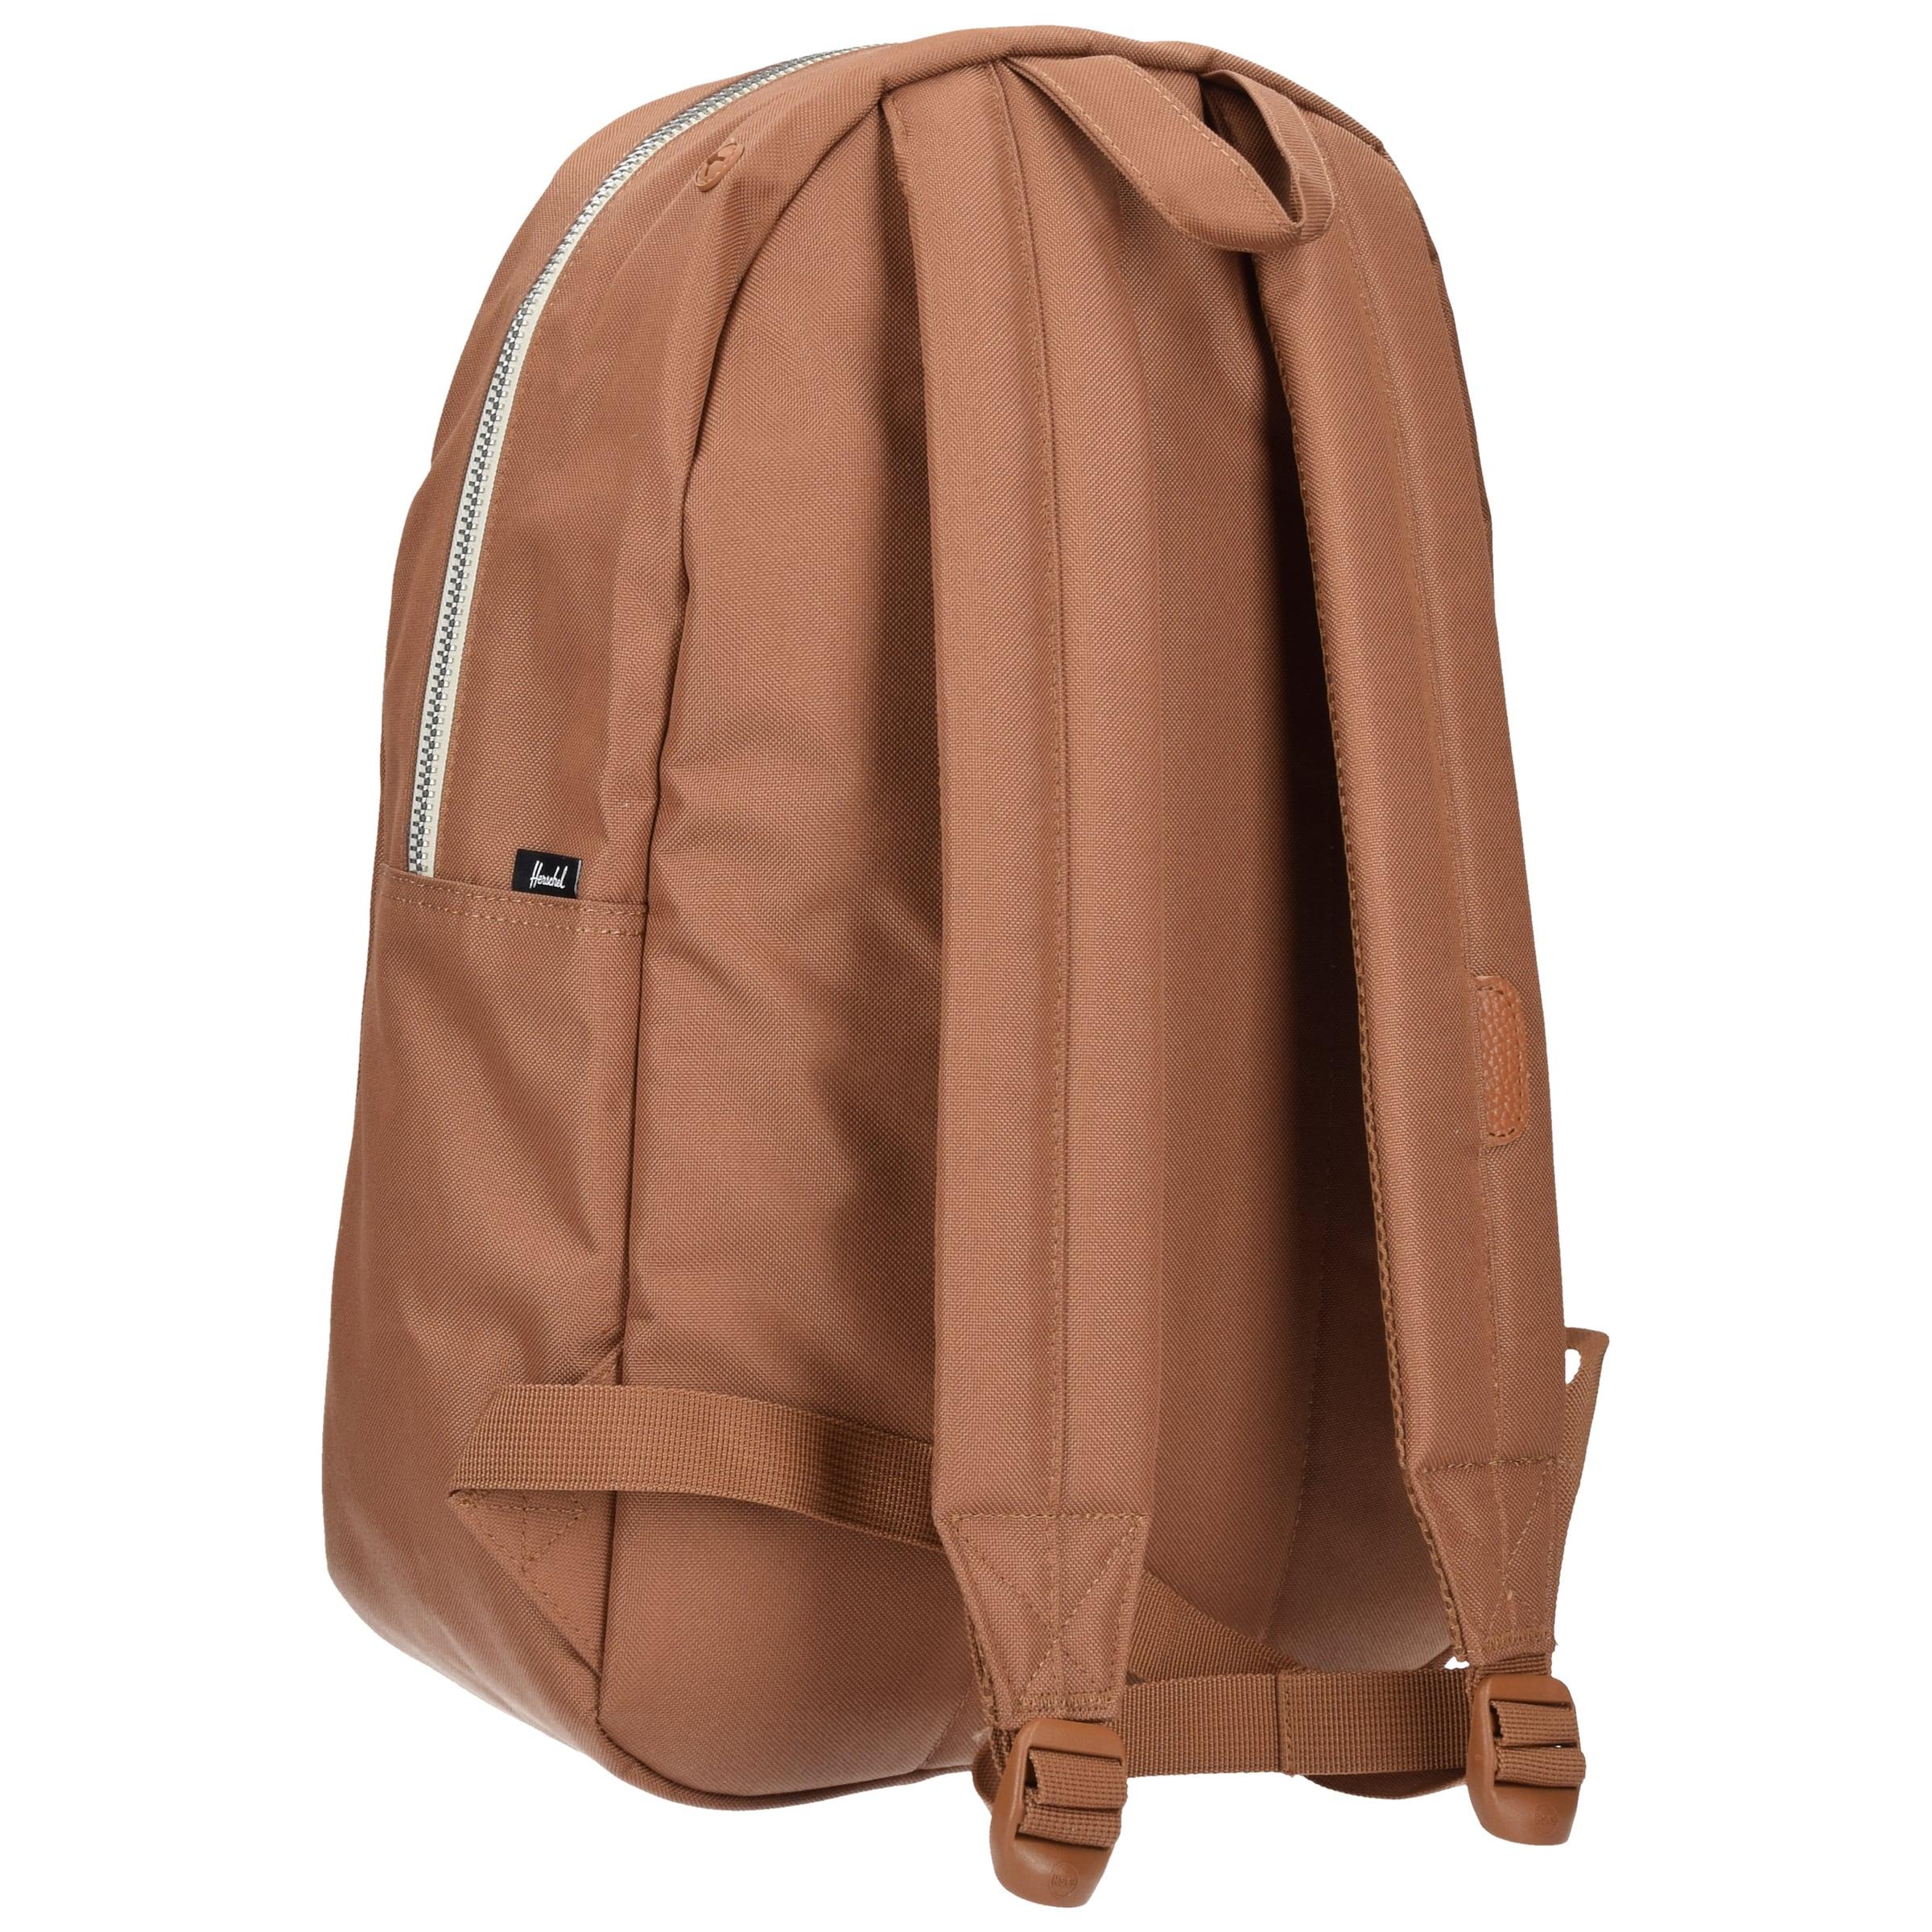 Herschel Settlement Backpack Rucksack 44 cm Laptopfach Erschwinglich Günstig Online Verkauf Erstaunlicher Preis Billig Verkauf Zahlung Mit Visa A3NgpNNqN2